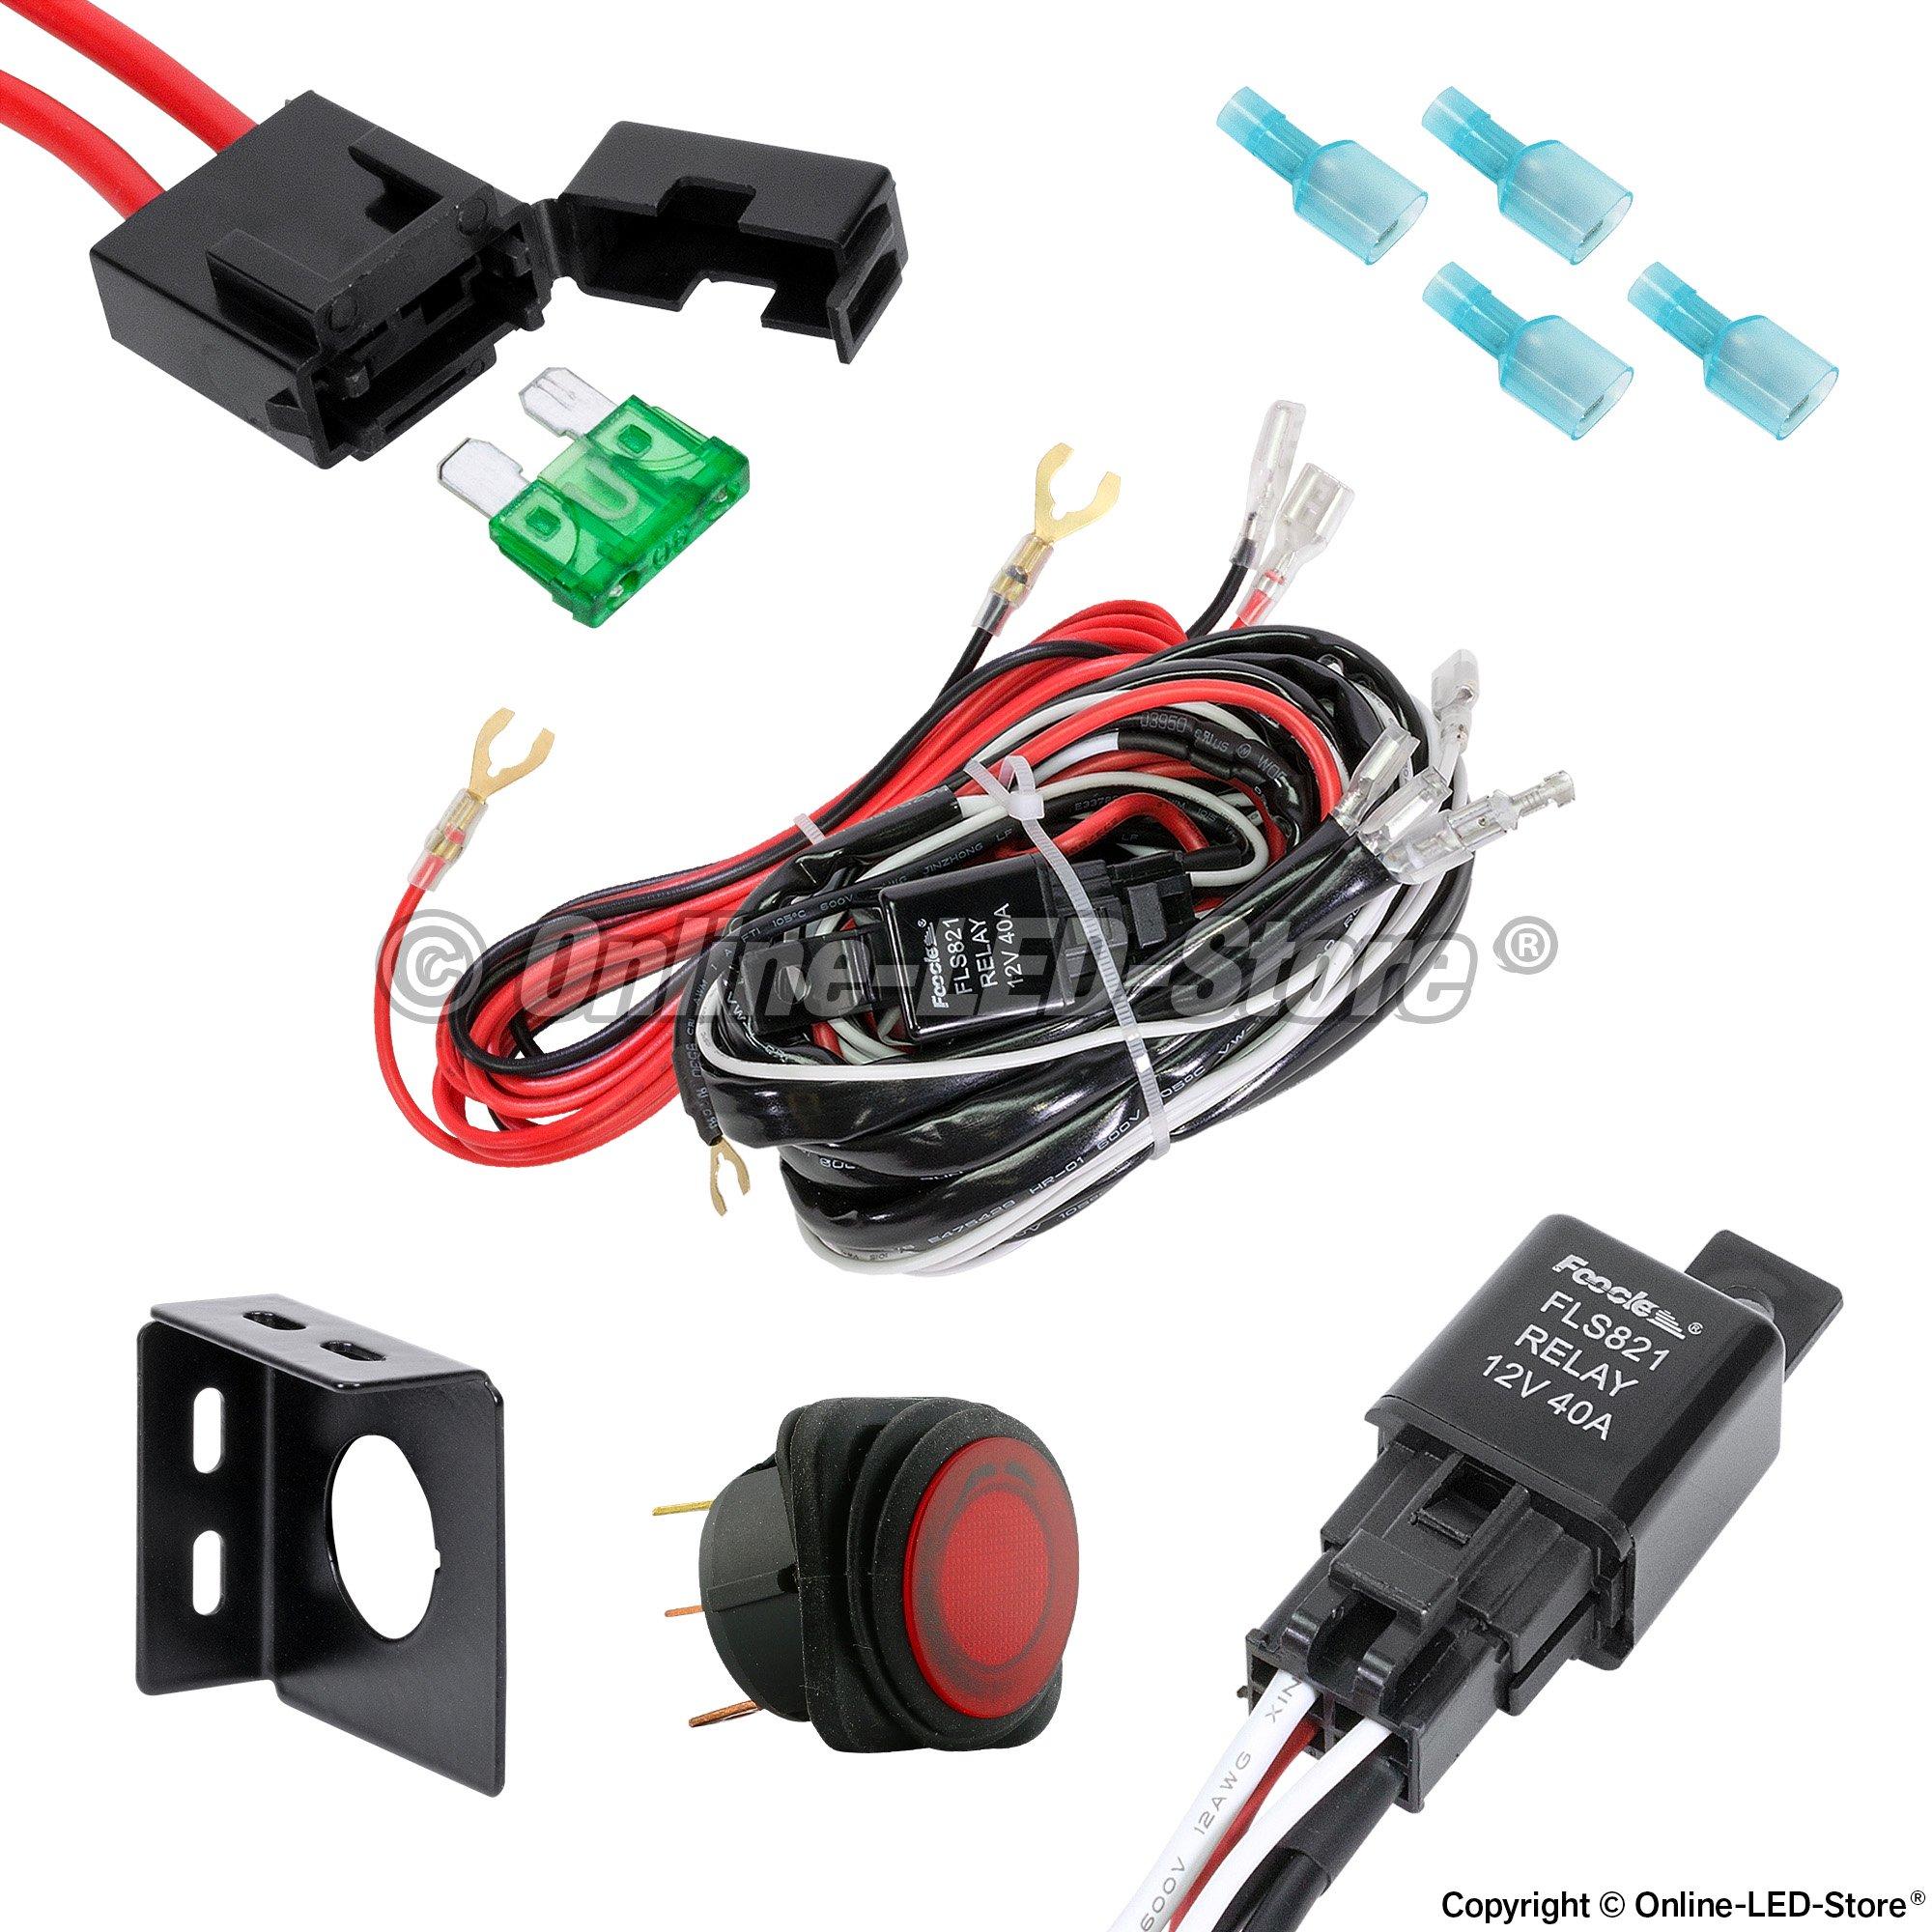 wiring diagram for off road lights jeep craftsman 1 2 hp garage door opener led light bar harness